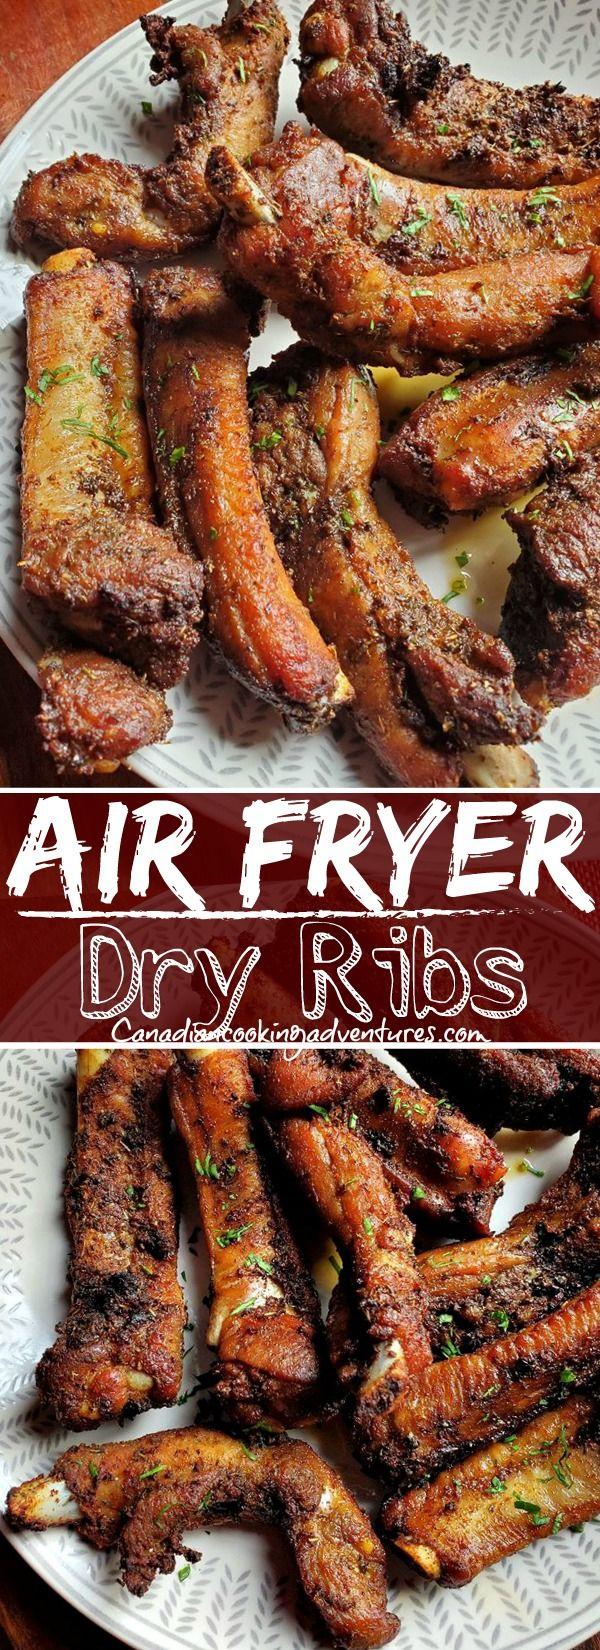 Air Fryer Pork Ribs Air Fryer Recipes Easy Air Fryer Dinner Recipes Air Fryer Recipes Healthy